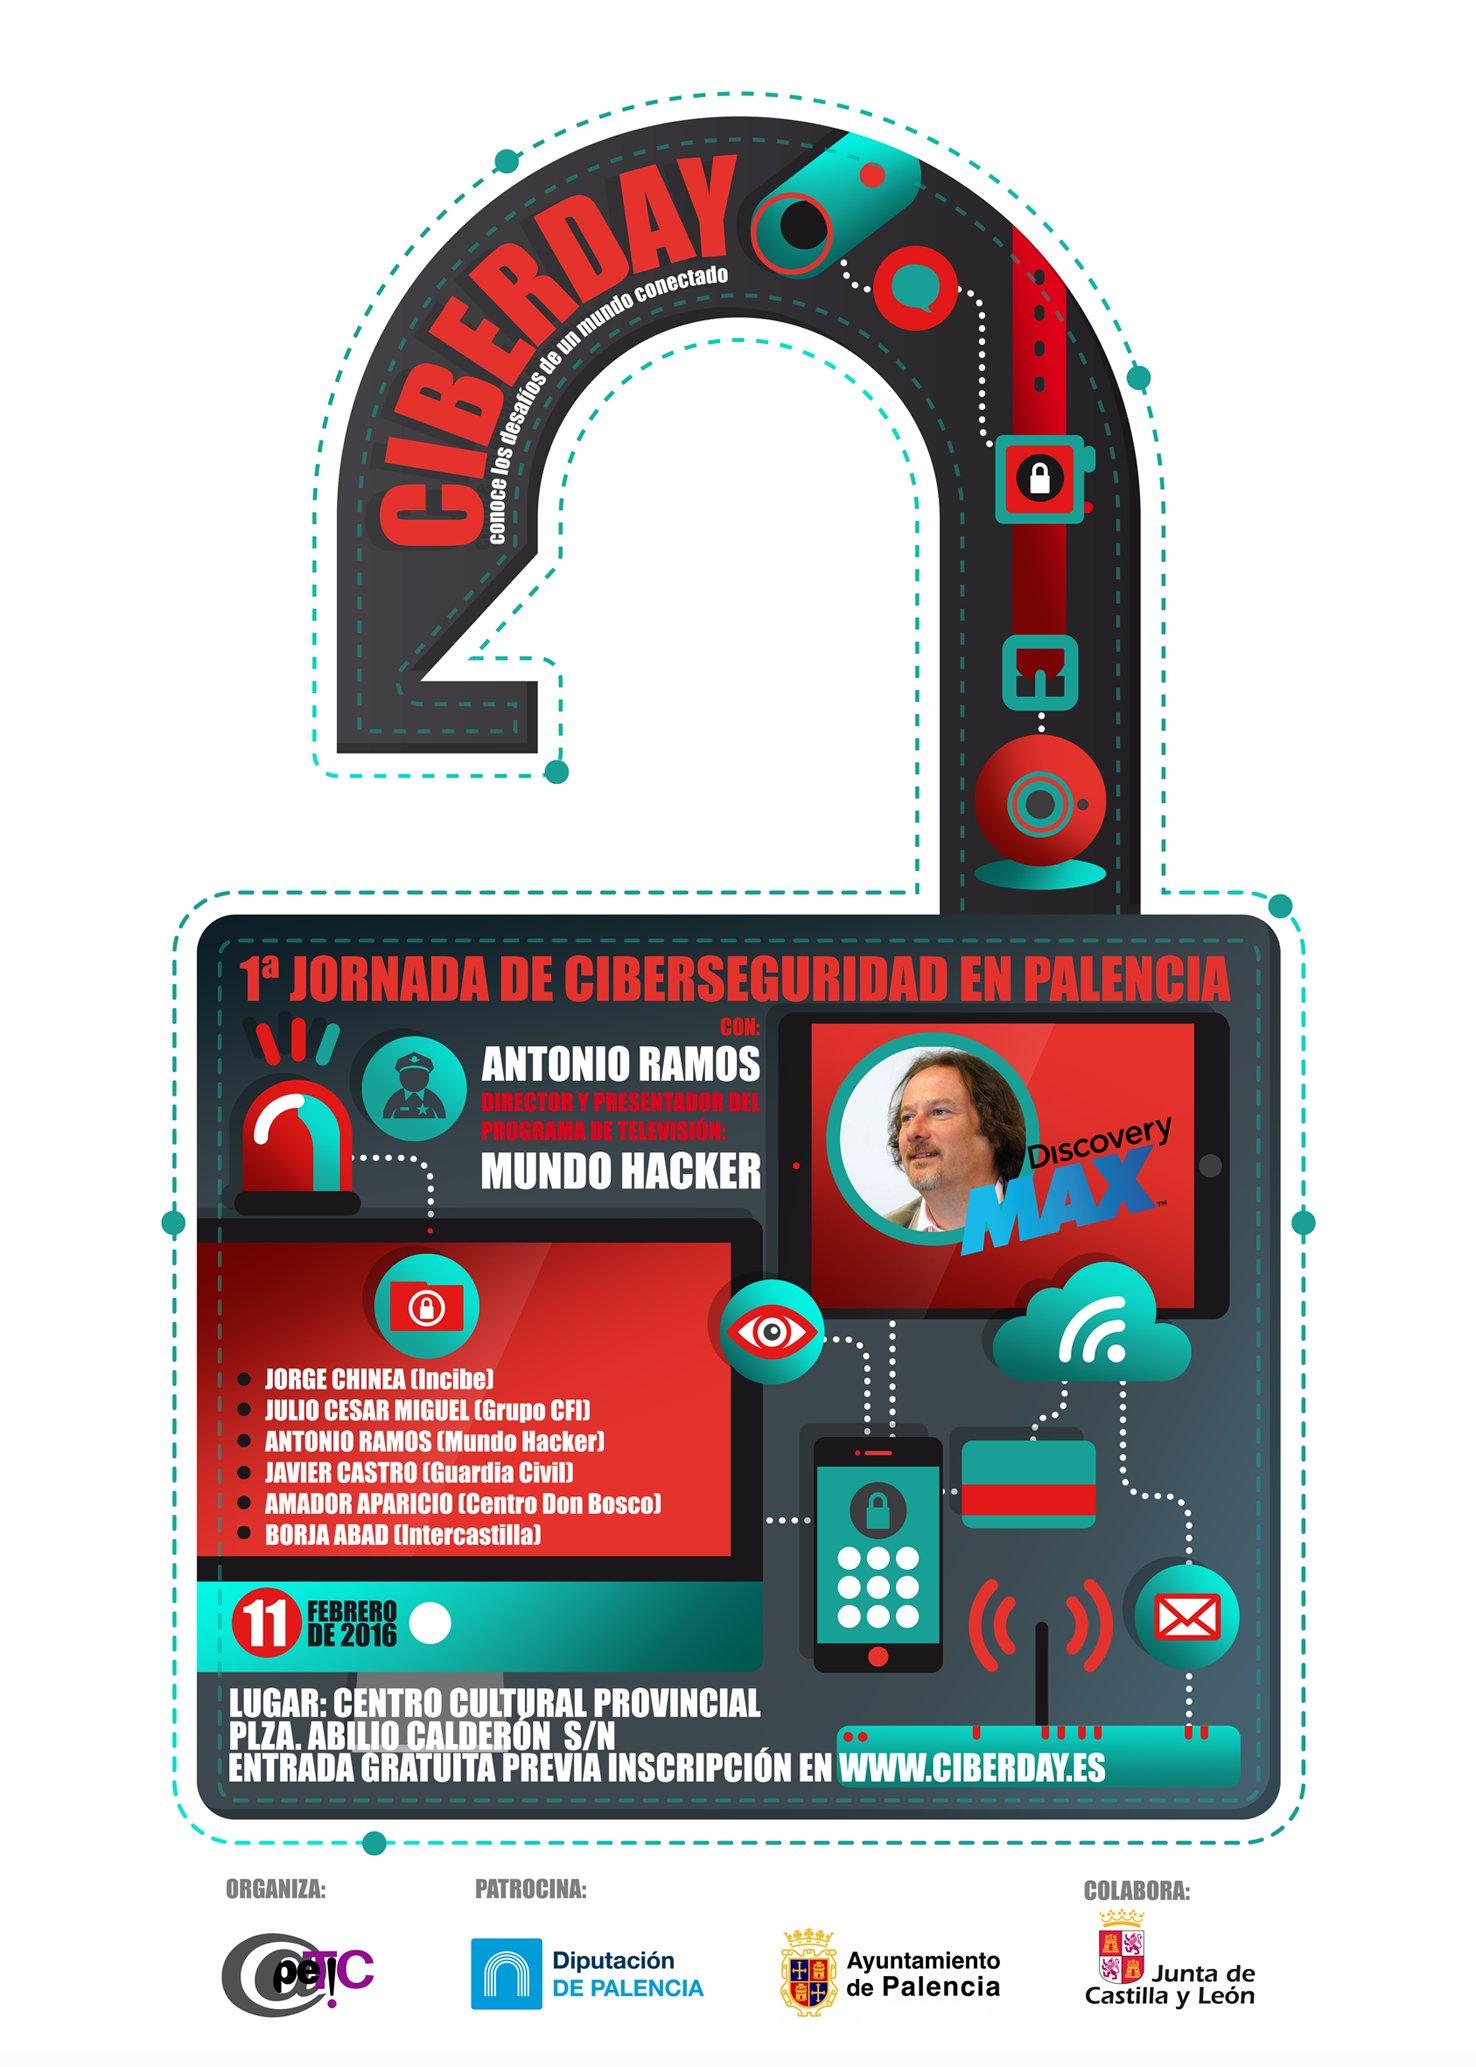 Llega el Ciberday a Palencia, interesante jornada sobre Ciberseguridad